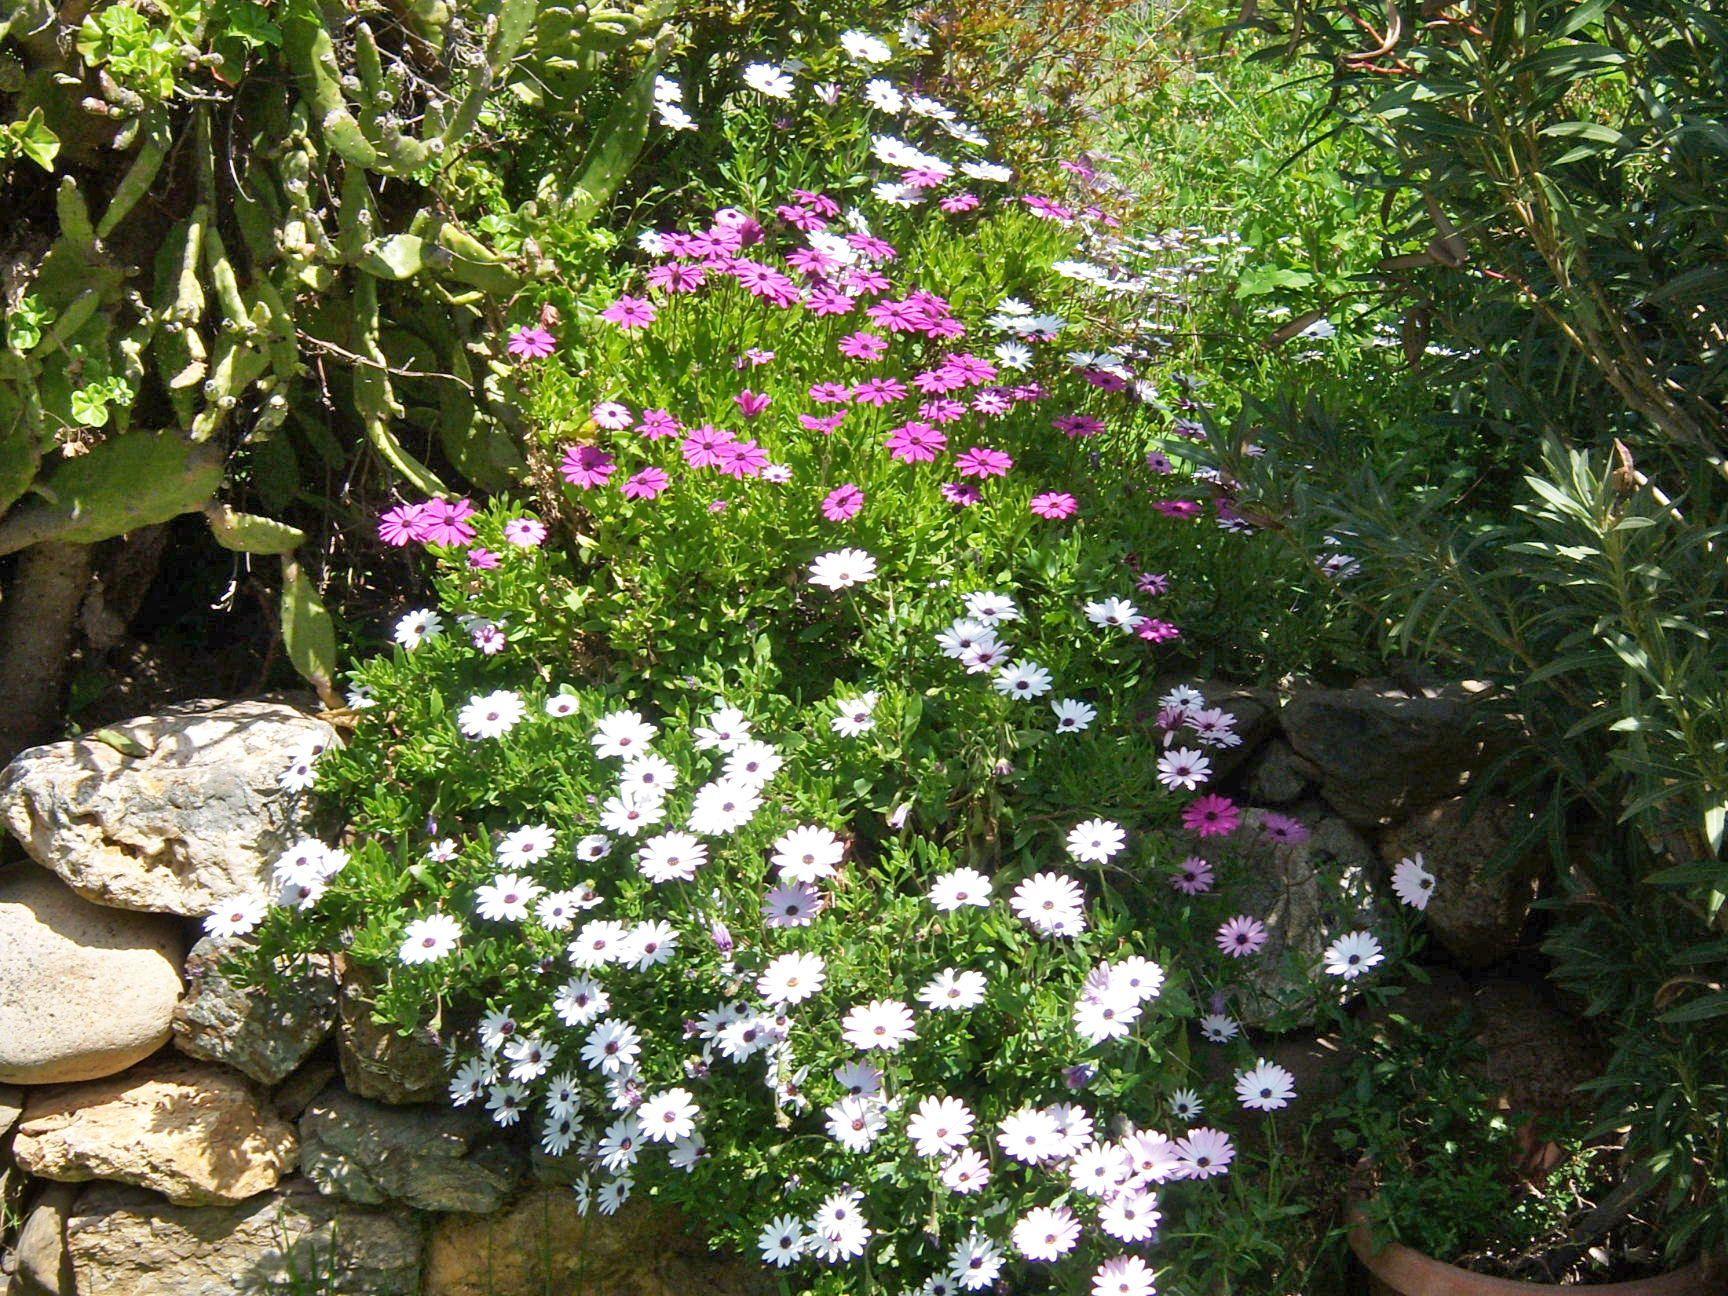 Il mio giardino in primavera il mio giardino giardino primavera